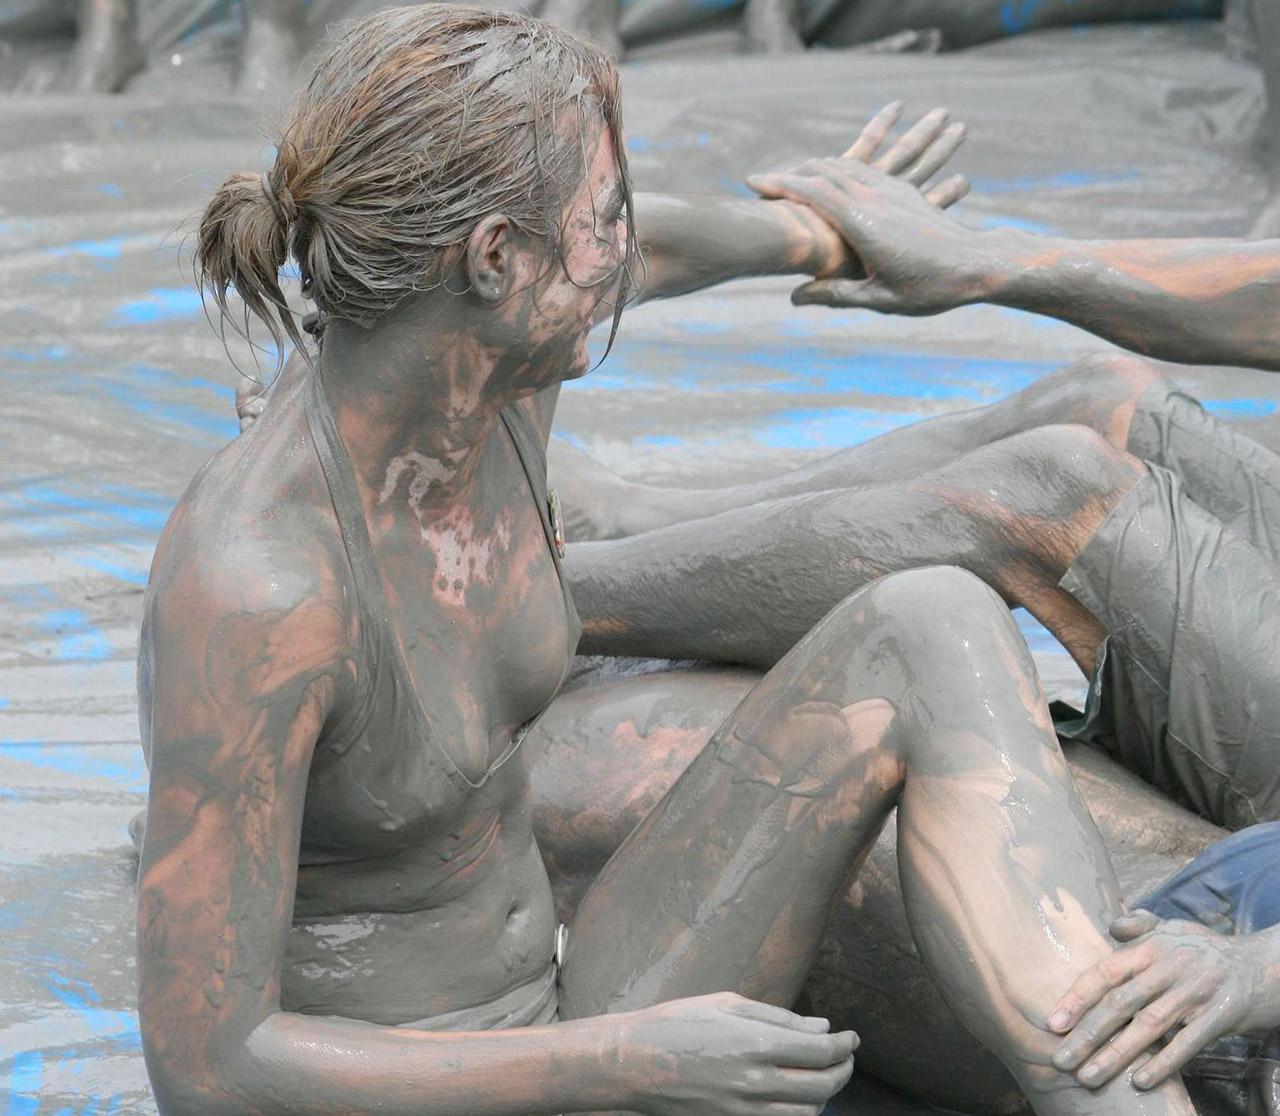 【泥エロ画像】泥祭的なアレで全身泥まみれになっているアレを見て勃起してもうたwww 29